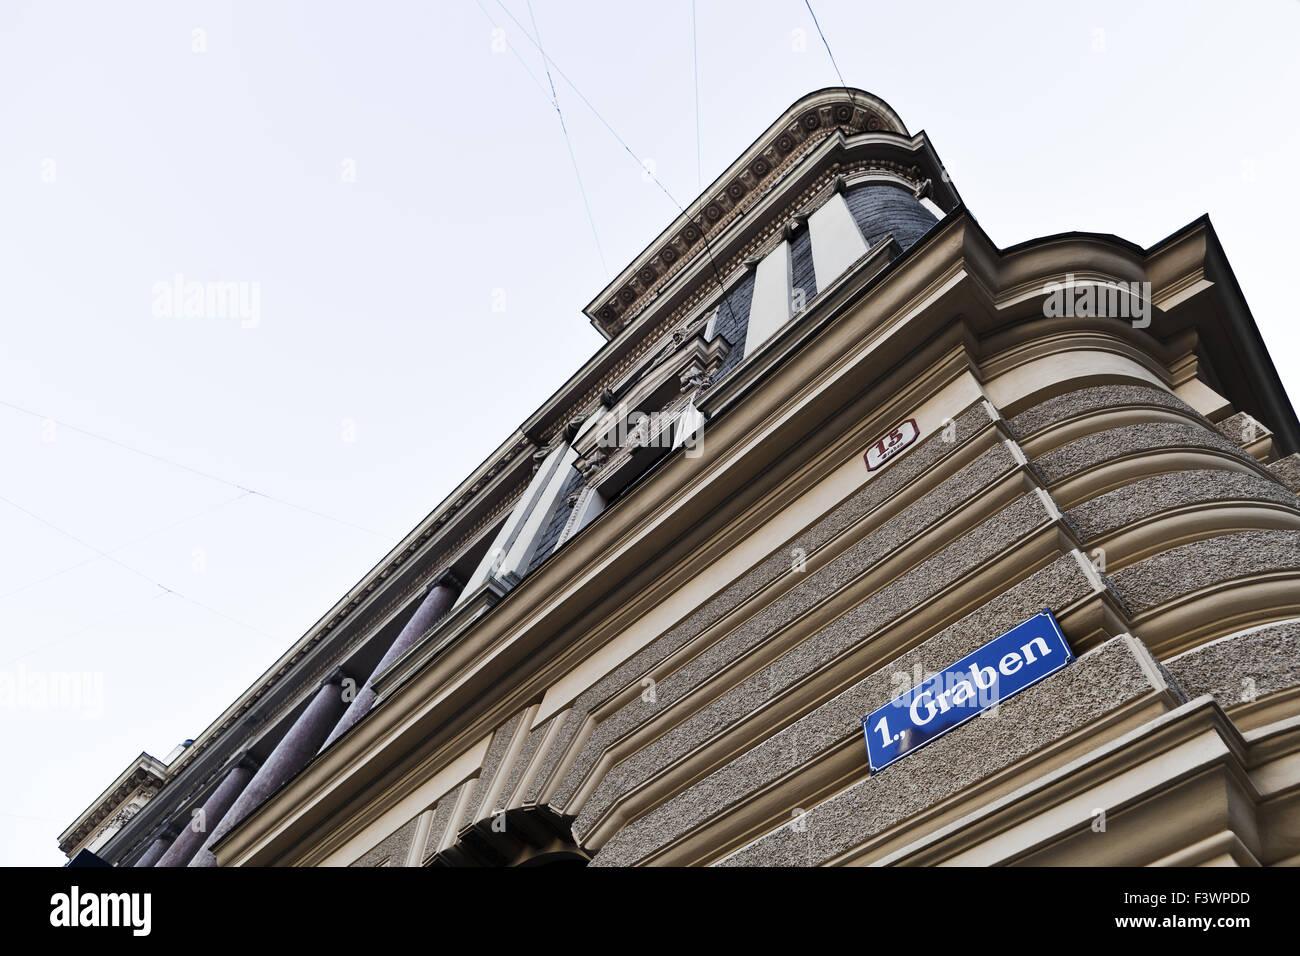 house am Graben, Vienna, Österreich, Europe - Stock Image